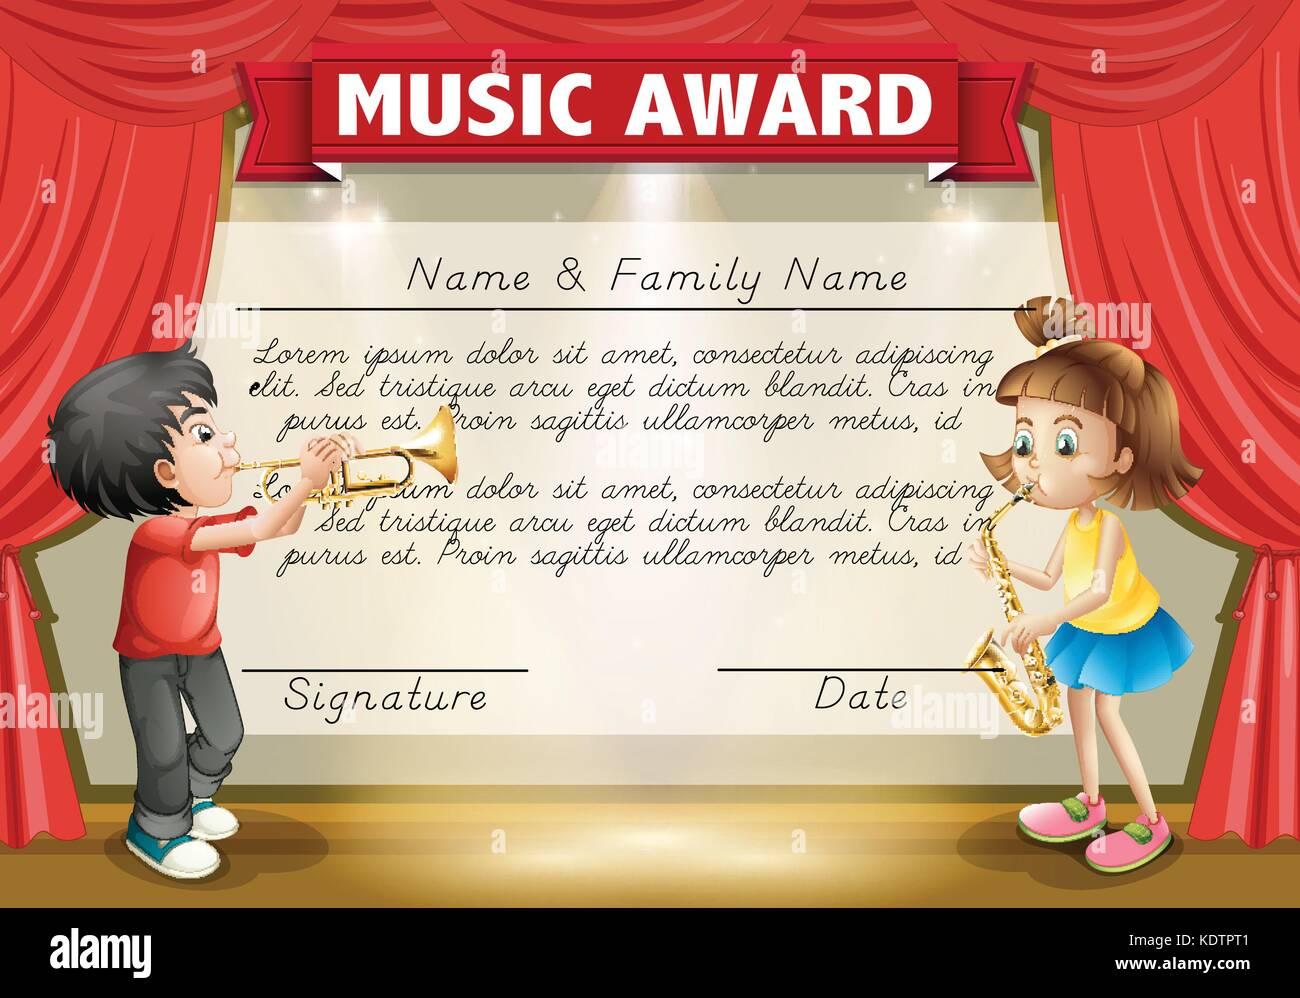 Erfreut Musik Award Vorlage Bilder - Entry Level Resume Vorlagen ...